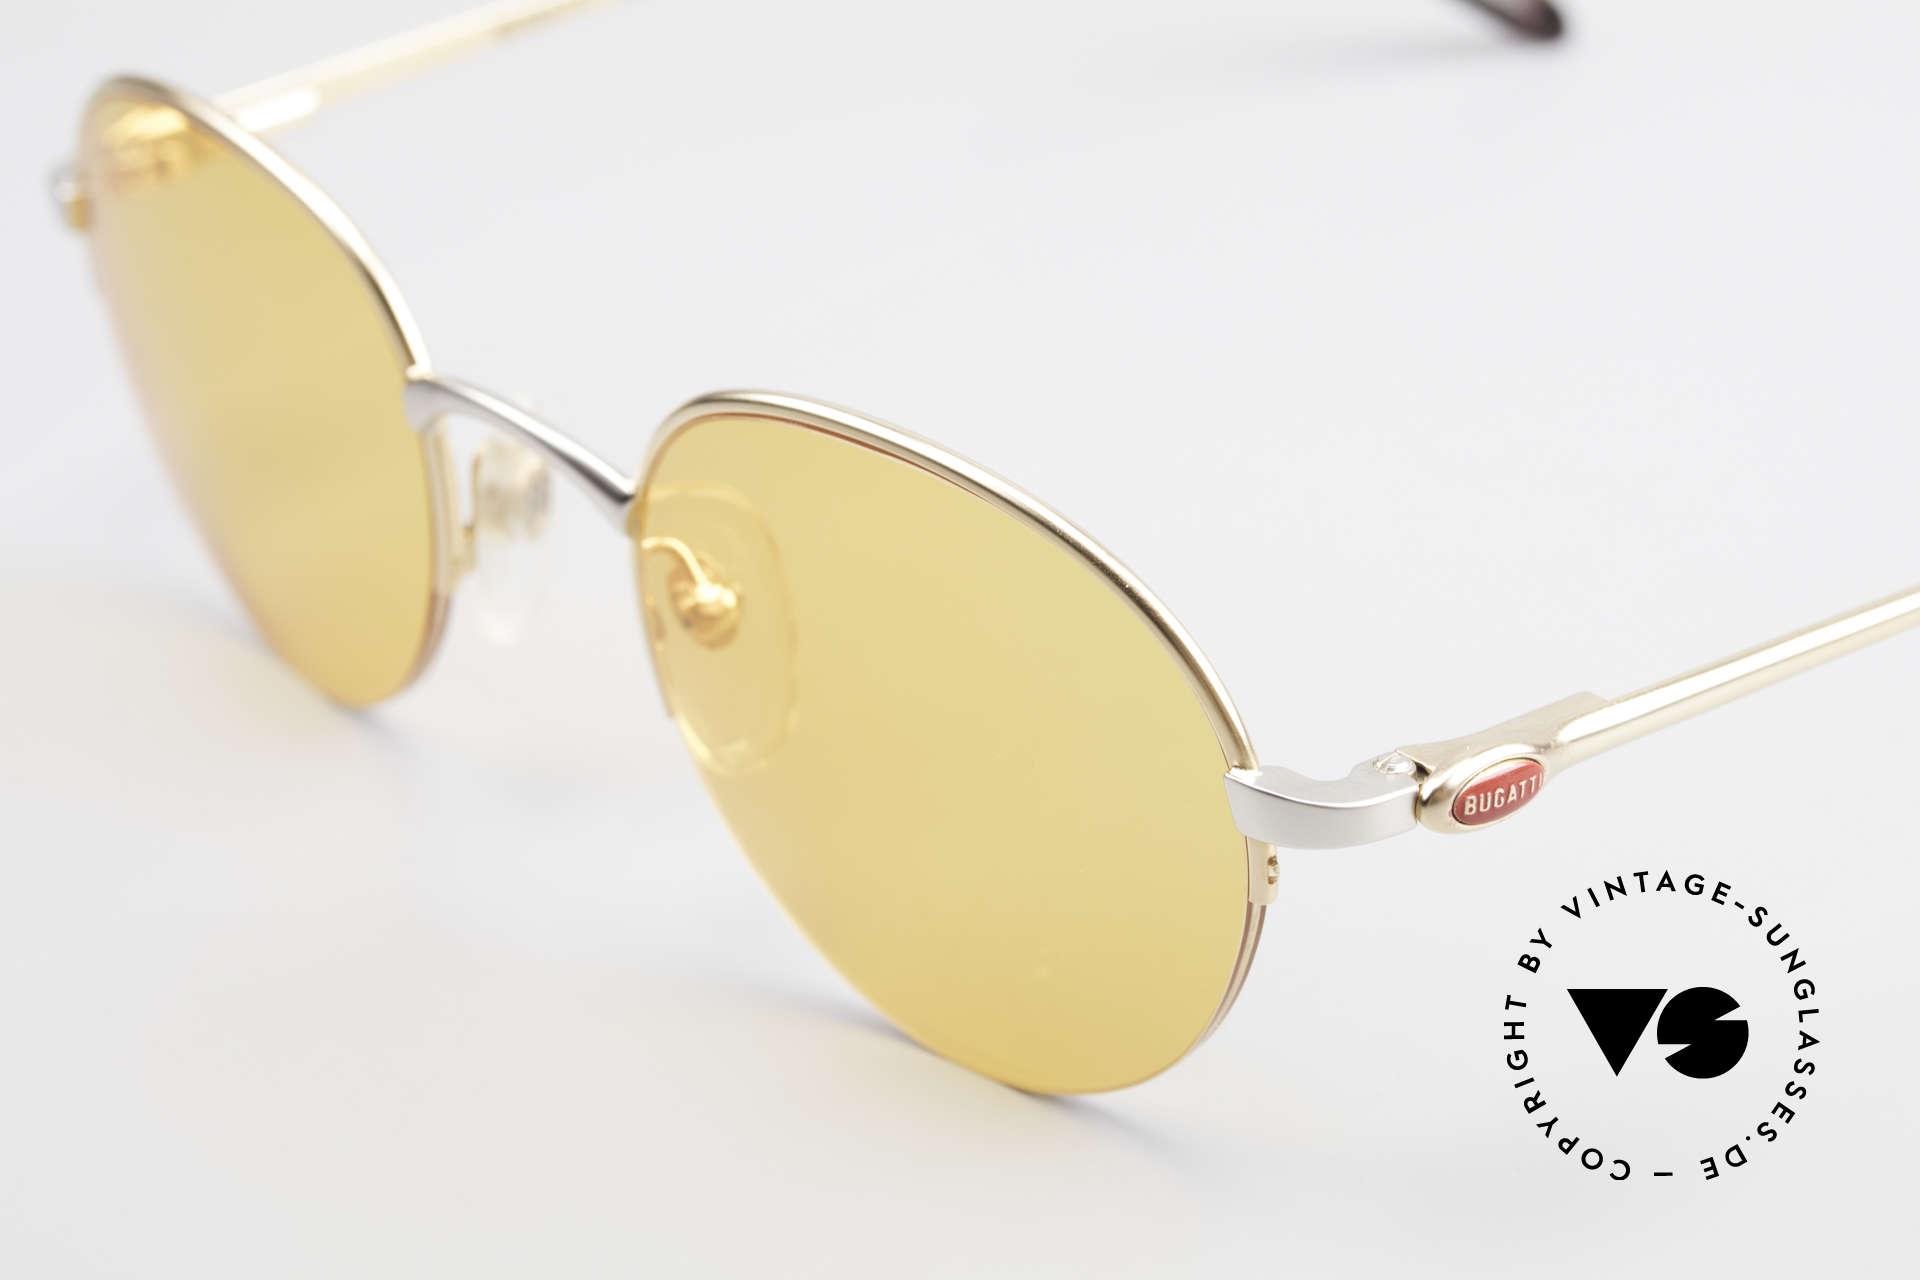 Bugatti 26658 Panto Designer Sonnenbrille, echte Top-Qualität aus Frankreich um 1996/97, Passend für Herren